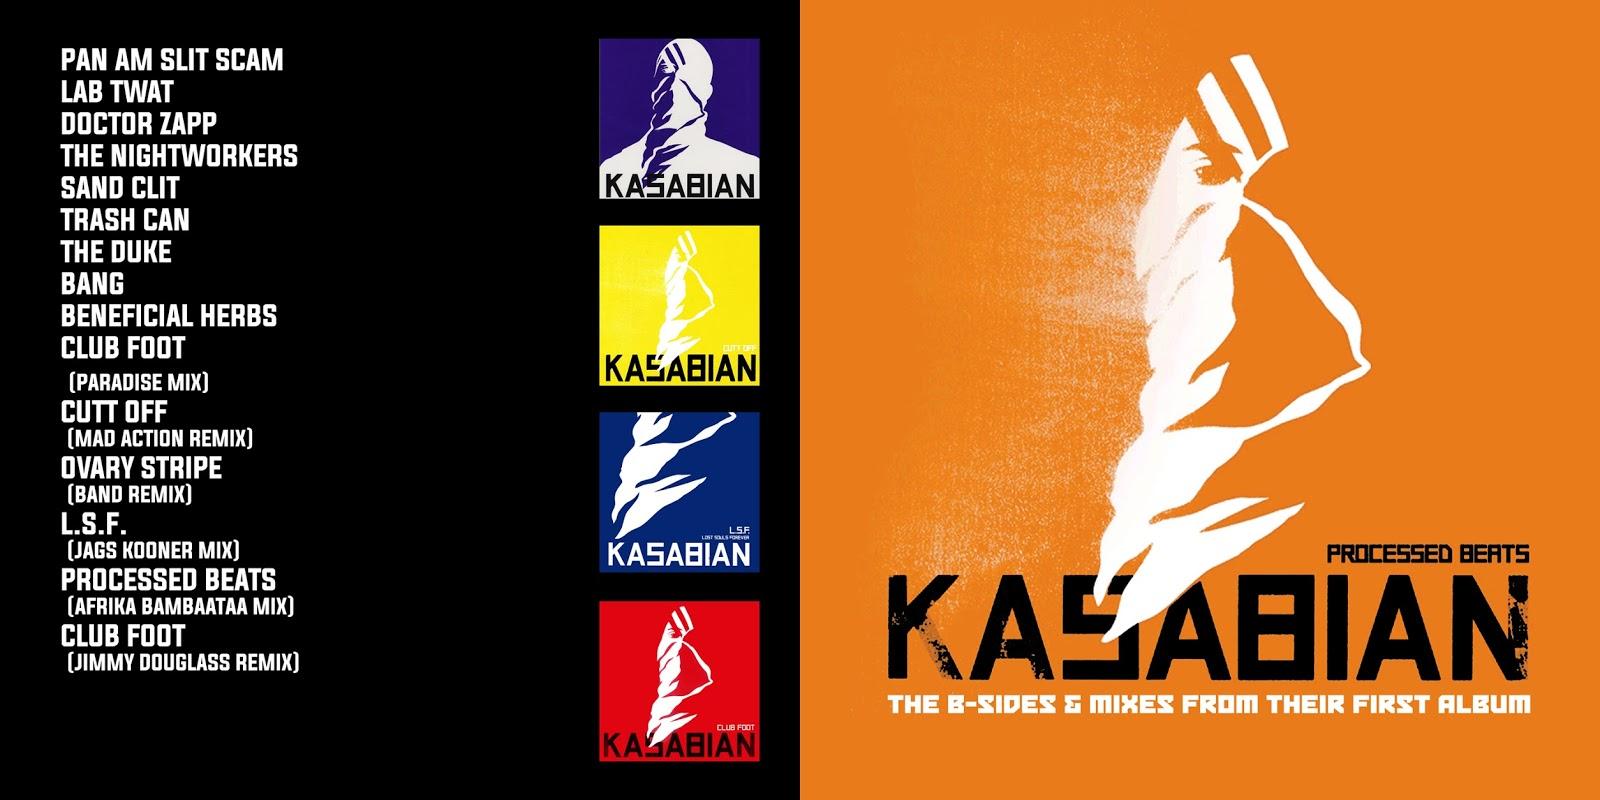 Kasabian Club Foot